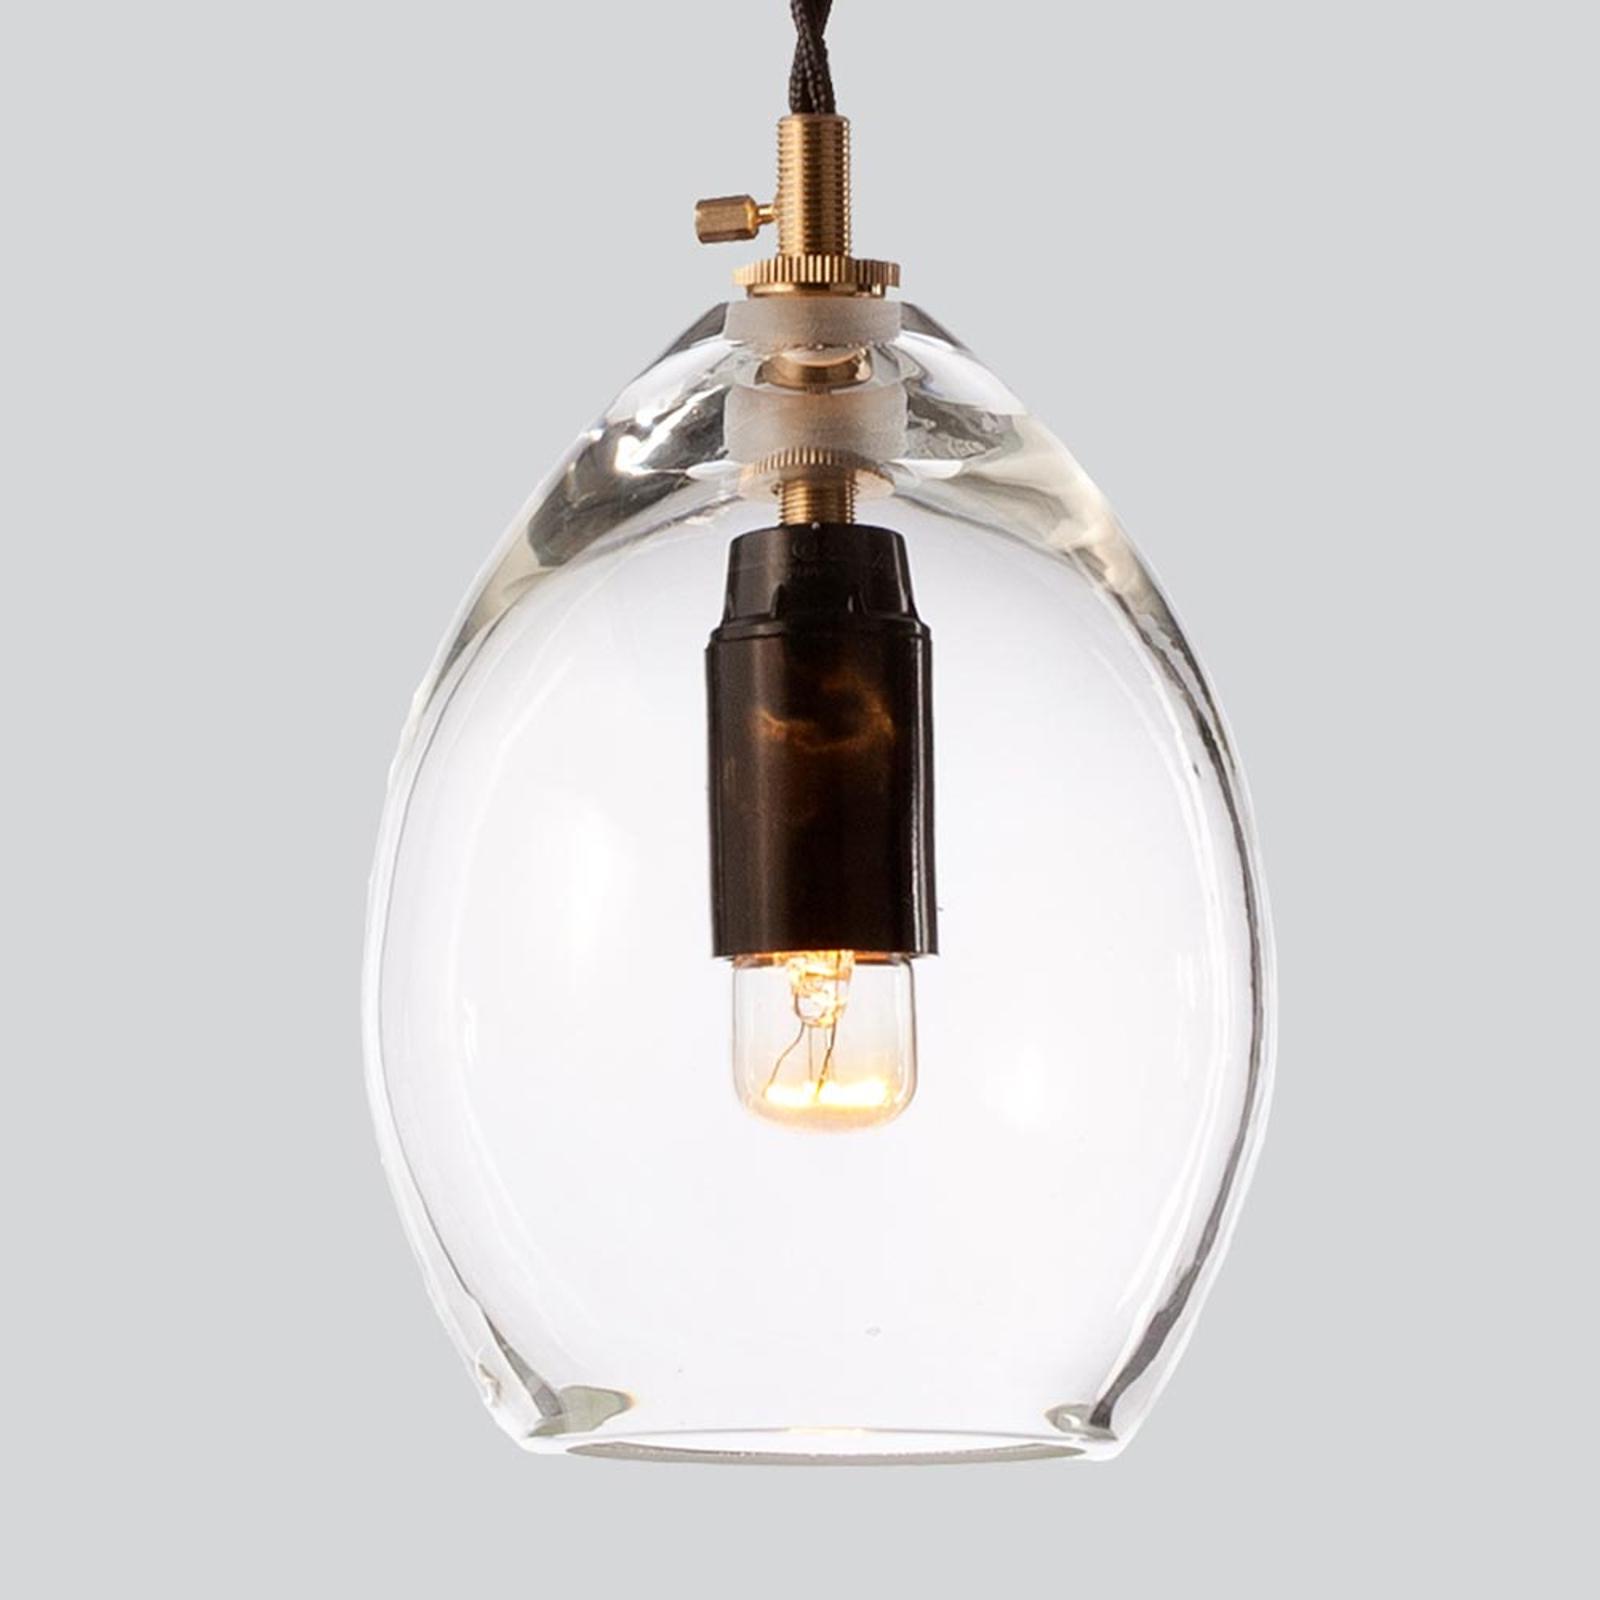 Northern Unika - Glas-Hängeleuchte, 10,5 cm